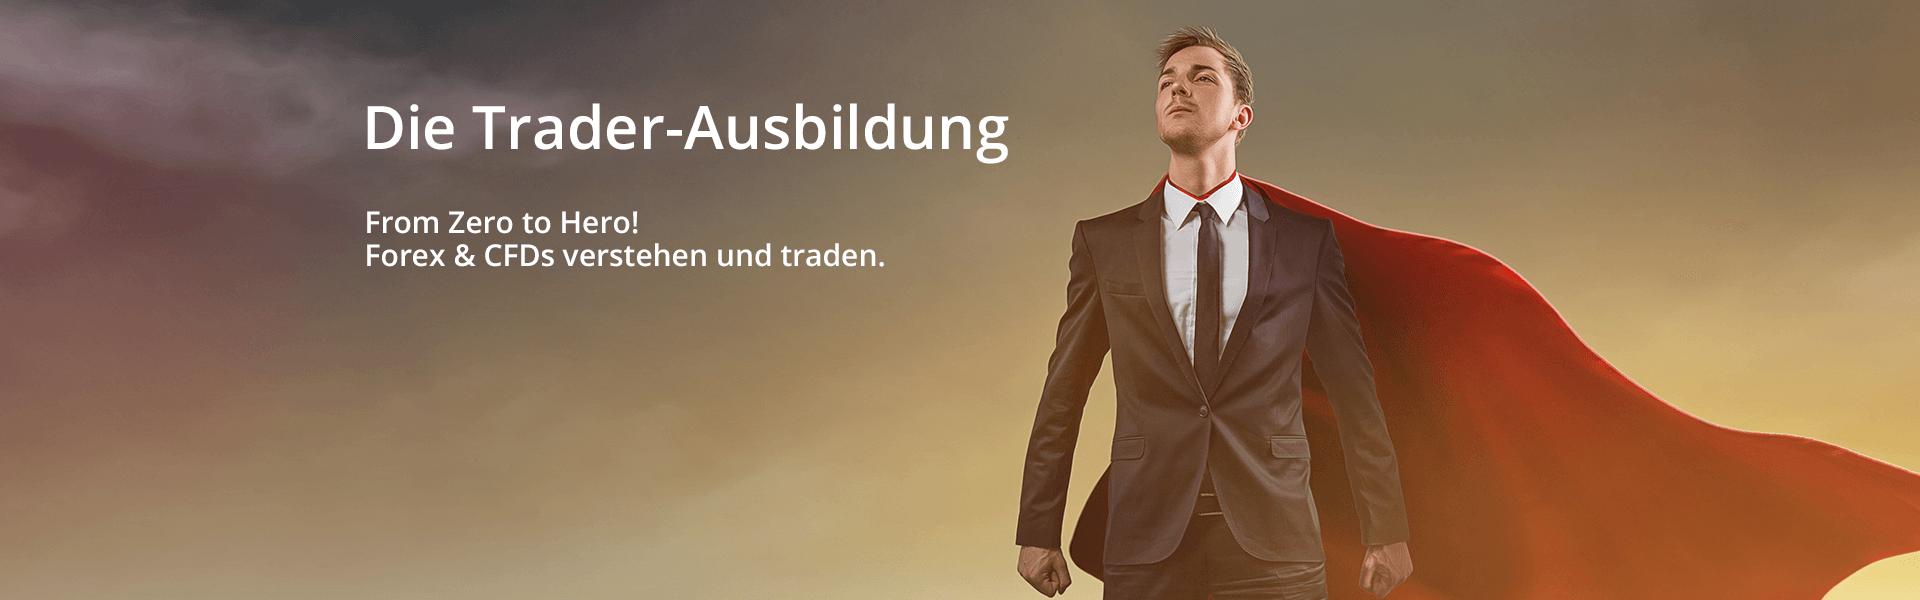 Höher-Schneller-Weiter-Die-Tradingausbildung-für-Fortgeschrittene-Kommentar-Jens-Chrzanowski-GodmodeTrader.de-4